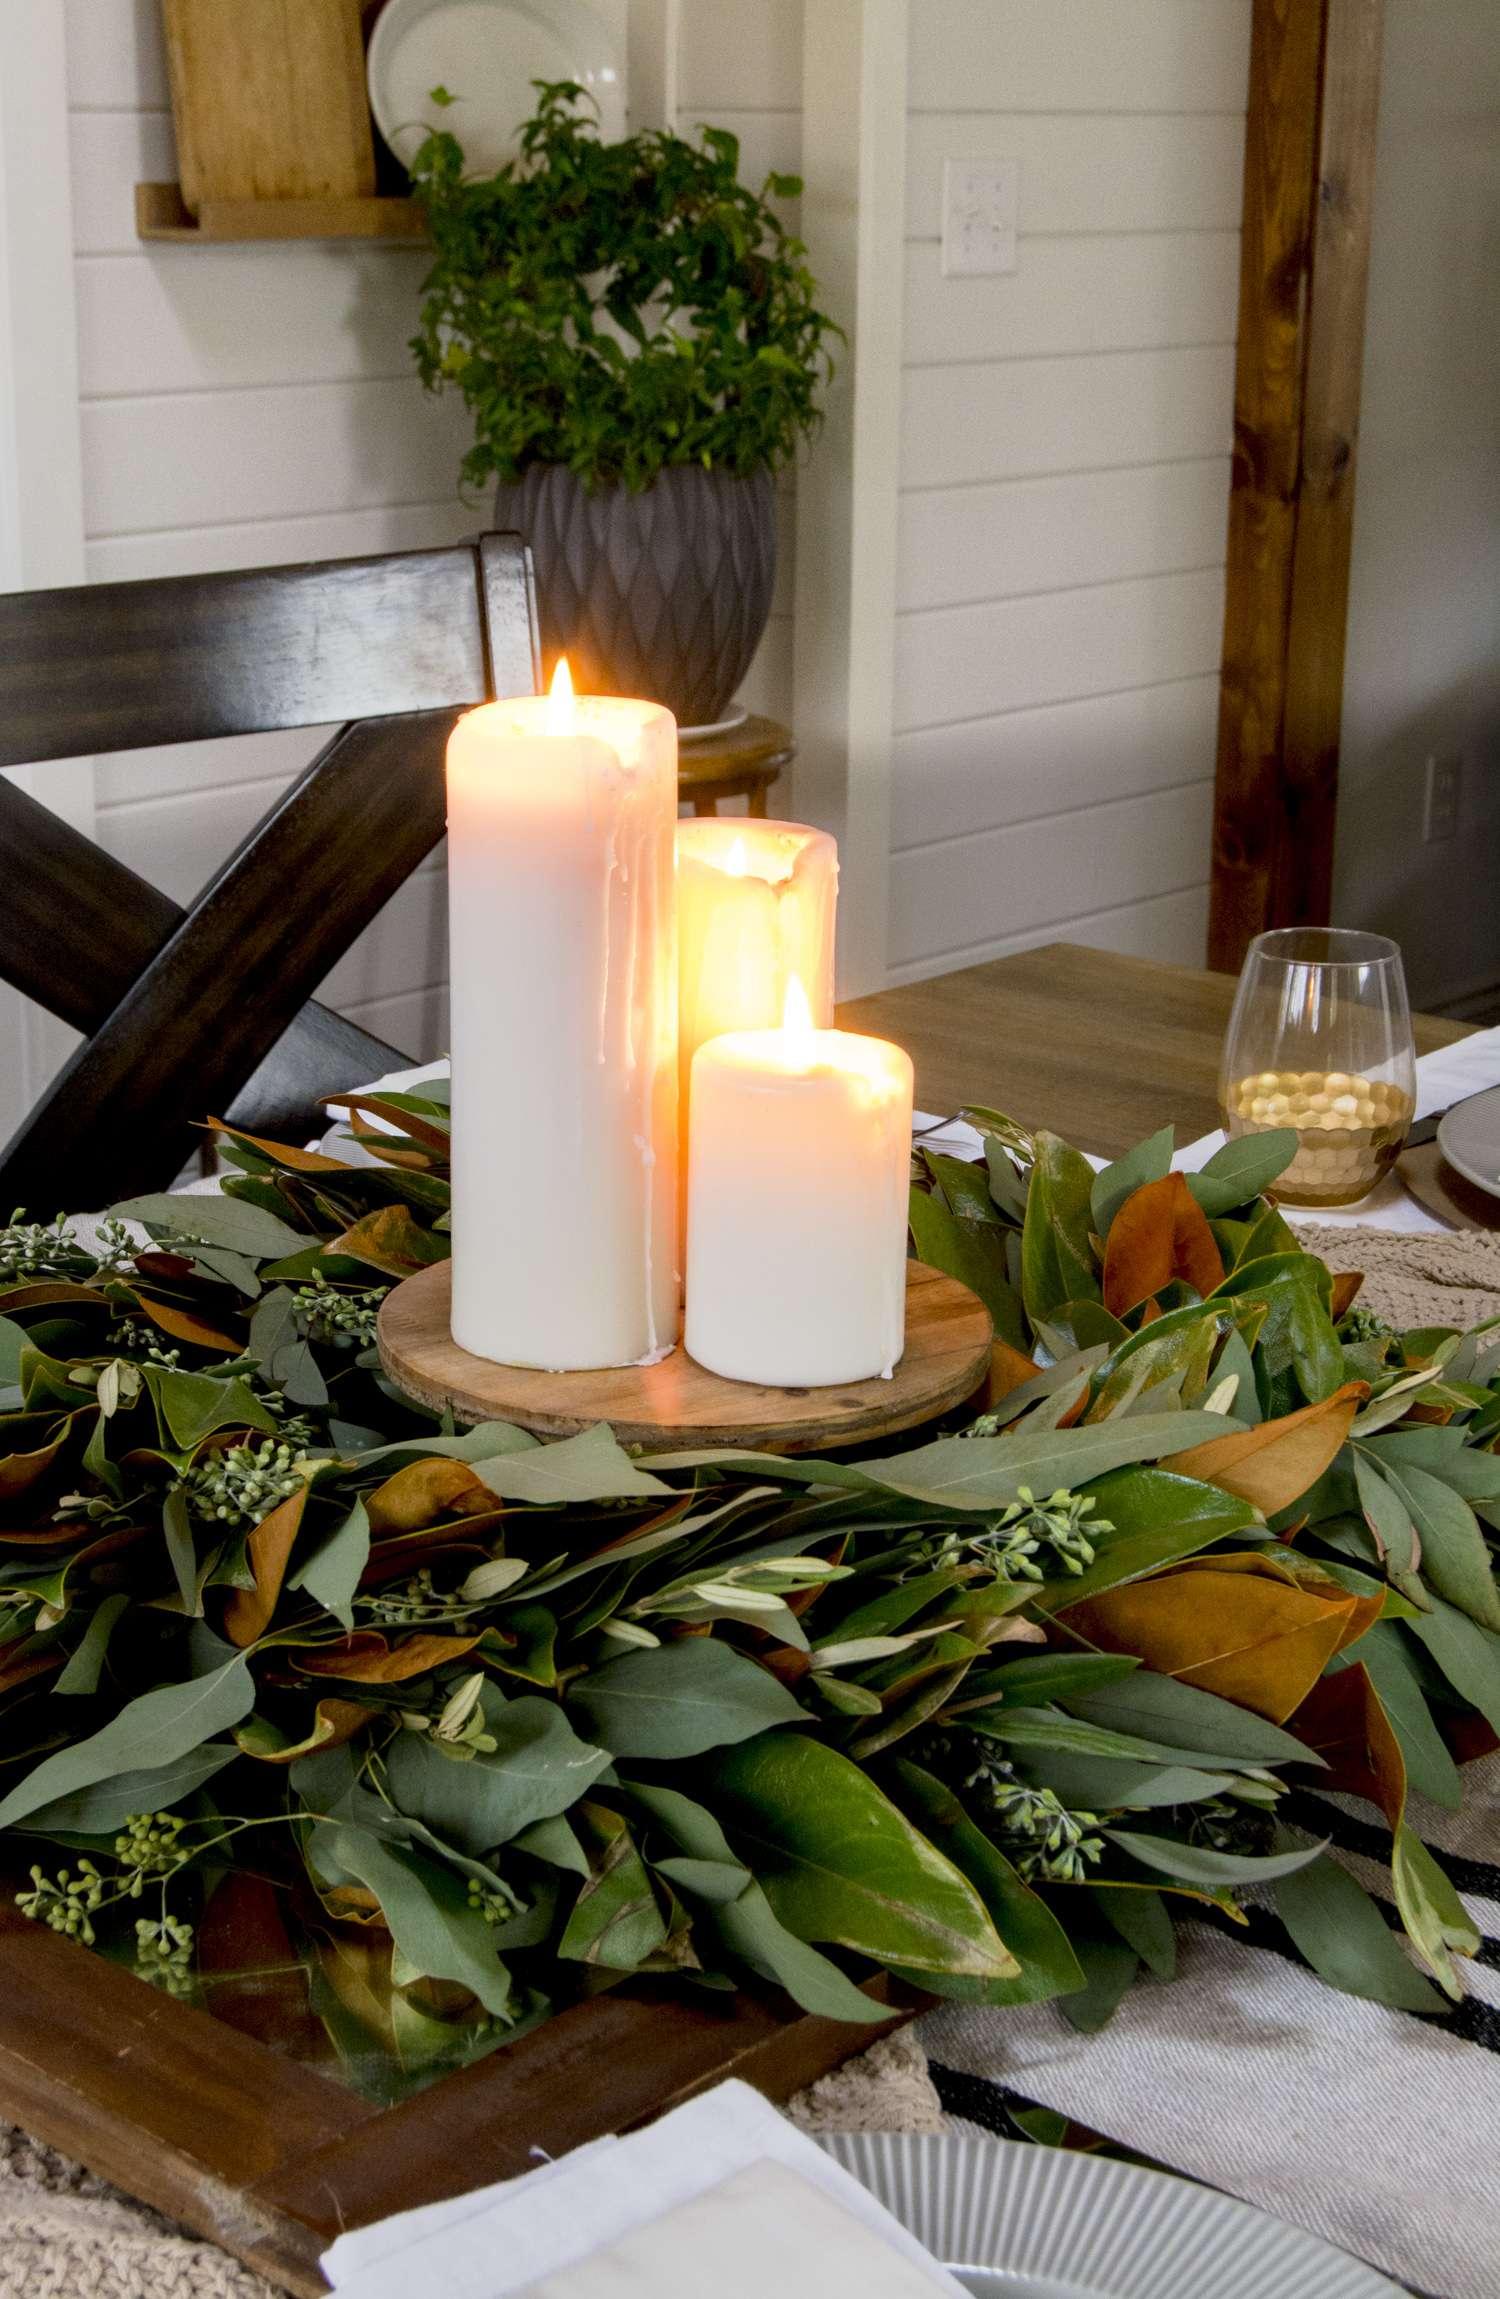 Magnolia and eucalyptus wreath as a Thanksgiving centerpiece.